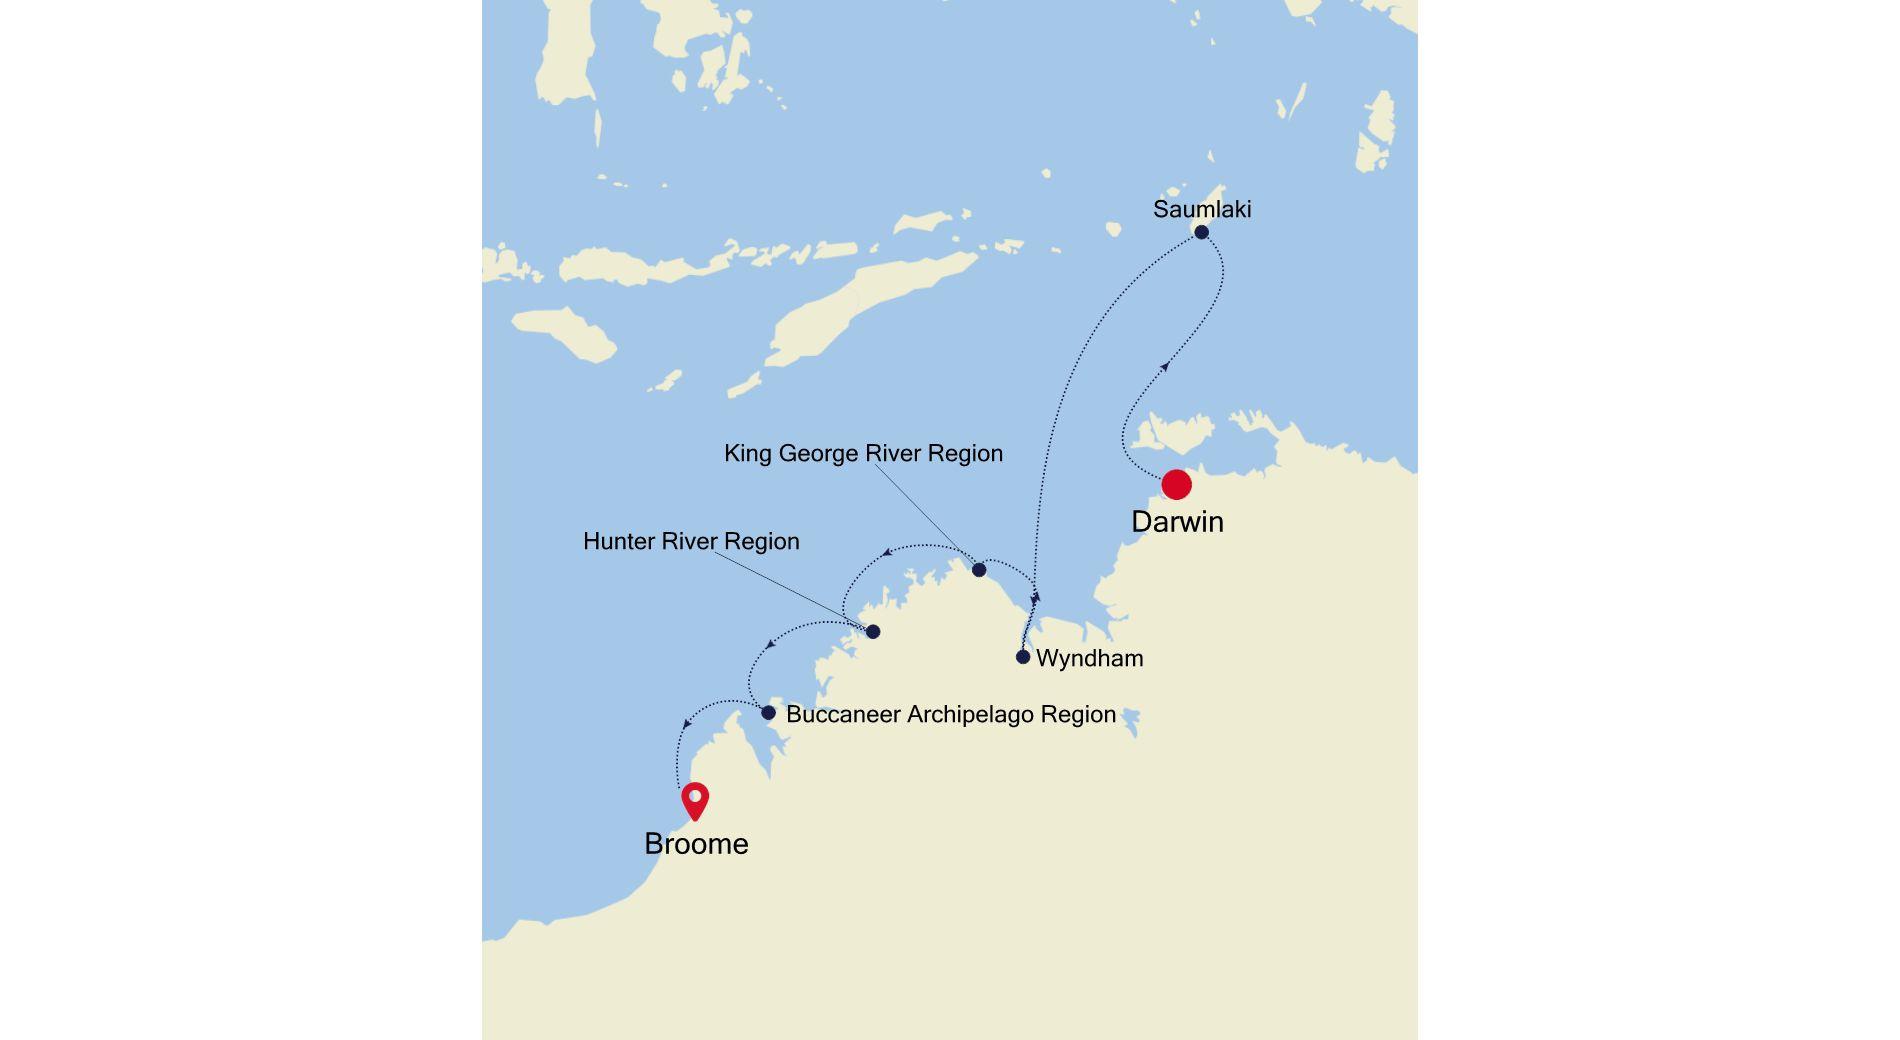 9911 - Darwin nach Broome